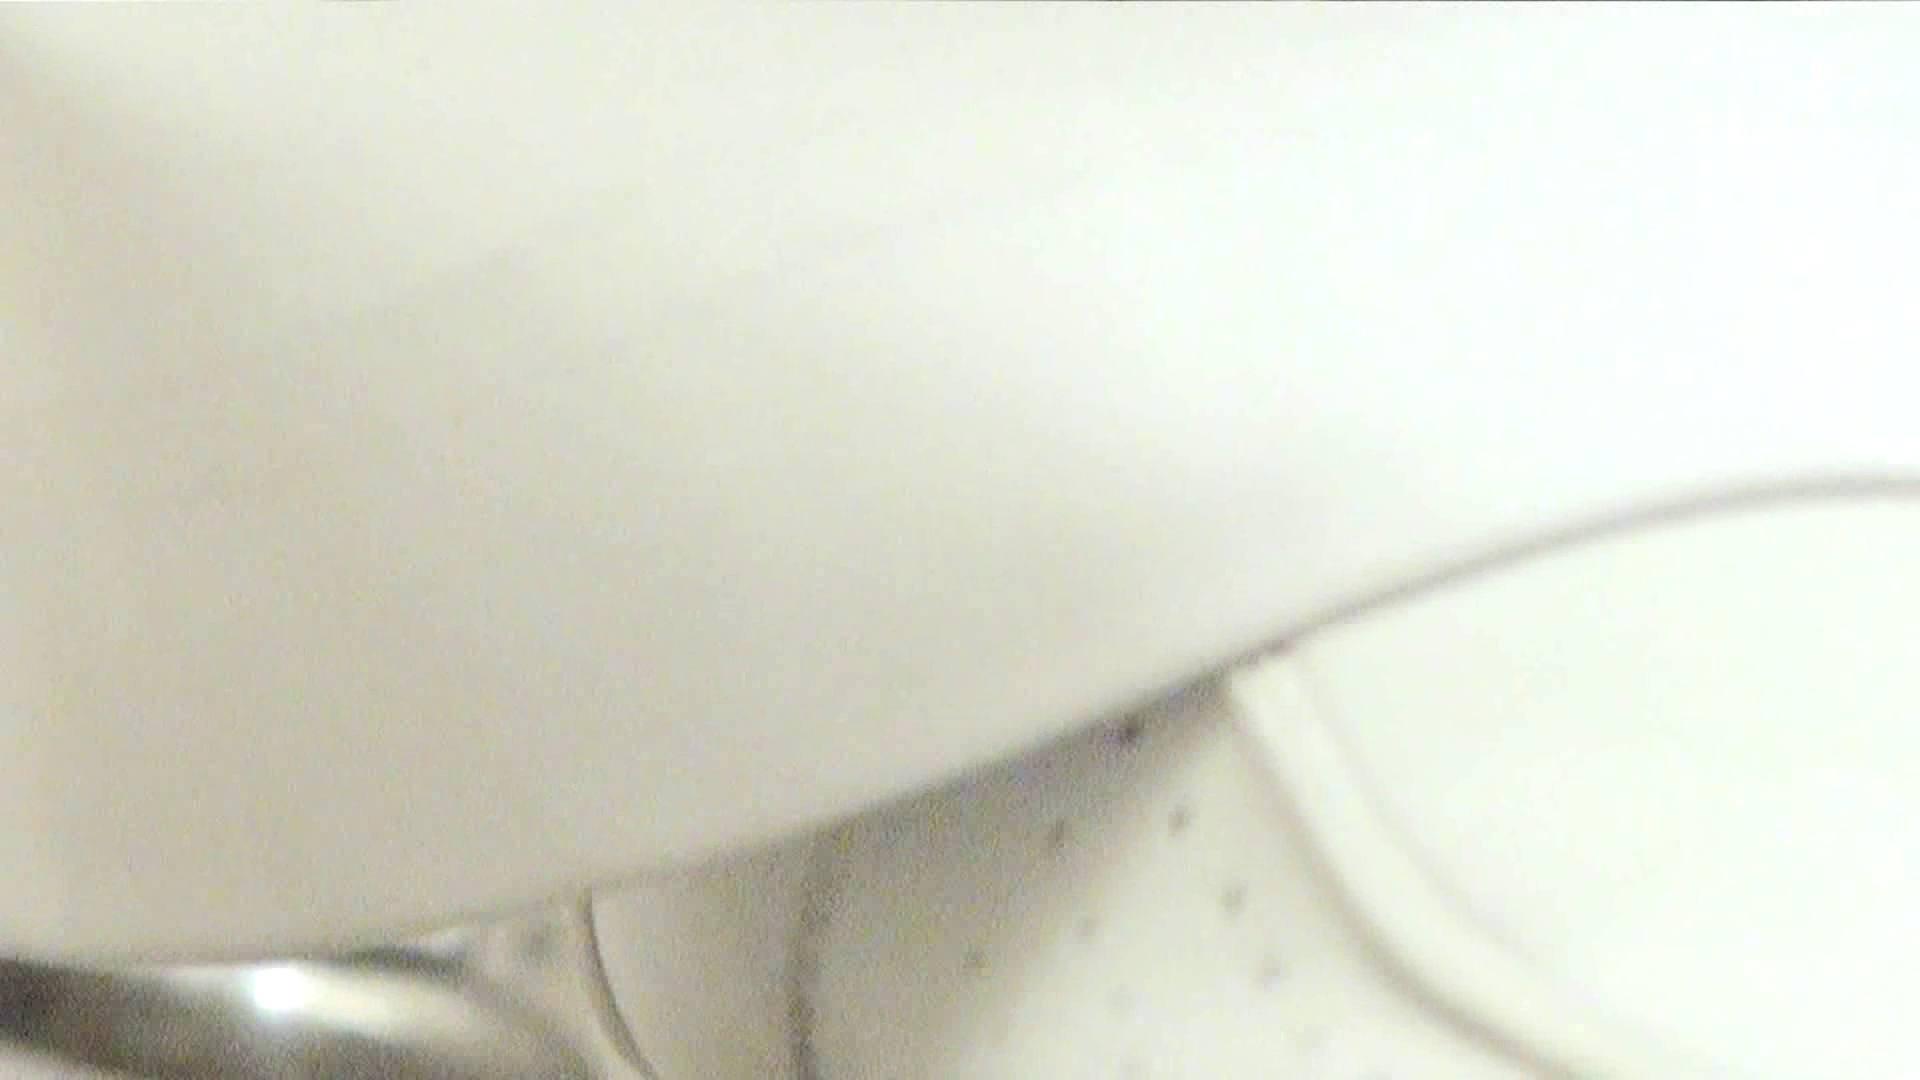 ナースのお小水 vol.005 下半身 オメコ動画キャプチャ 108pic 18